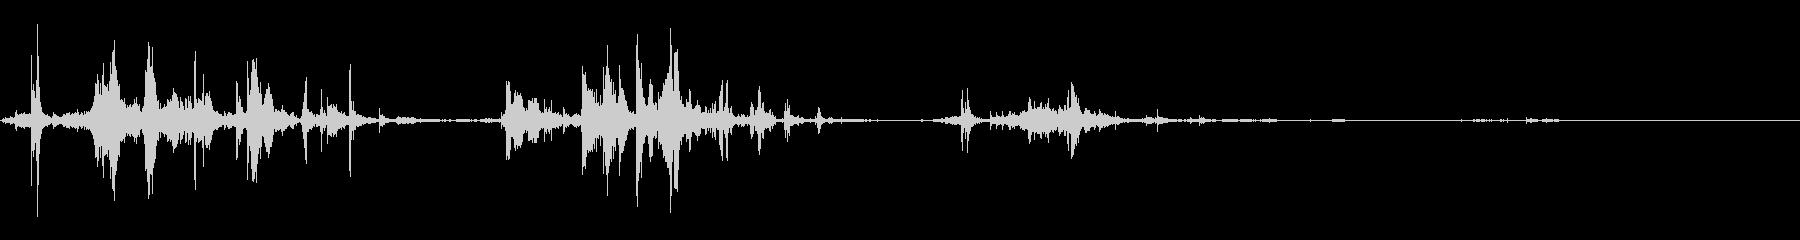 闘争音の戦い:グラブ、スカッフリン...の未再生の波形